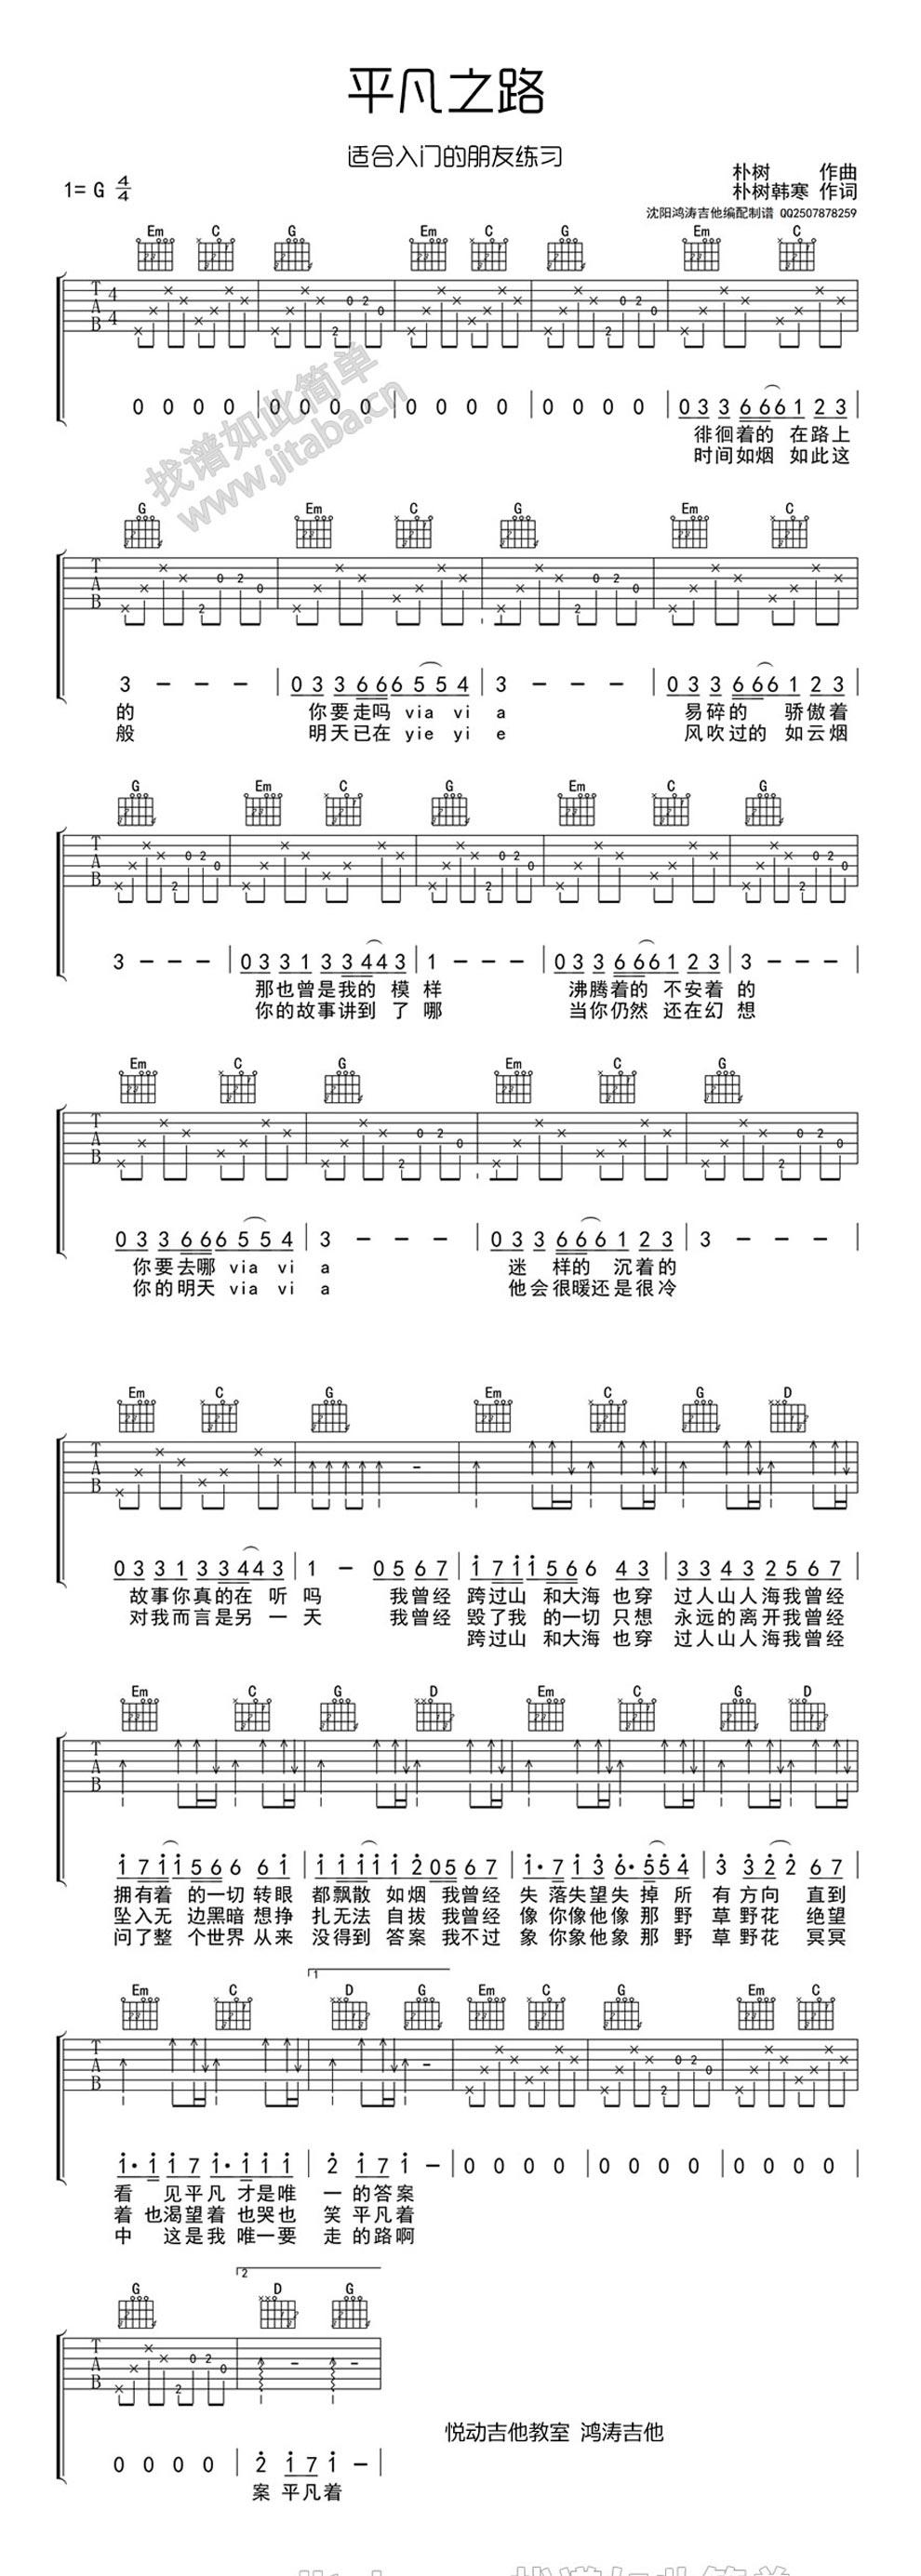 《平凡之路 入门练习》吉他谱